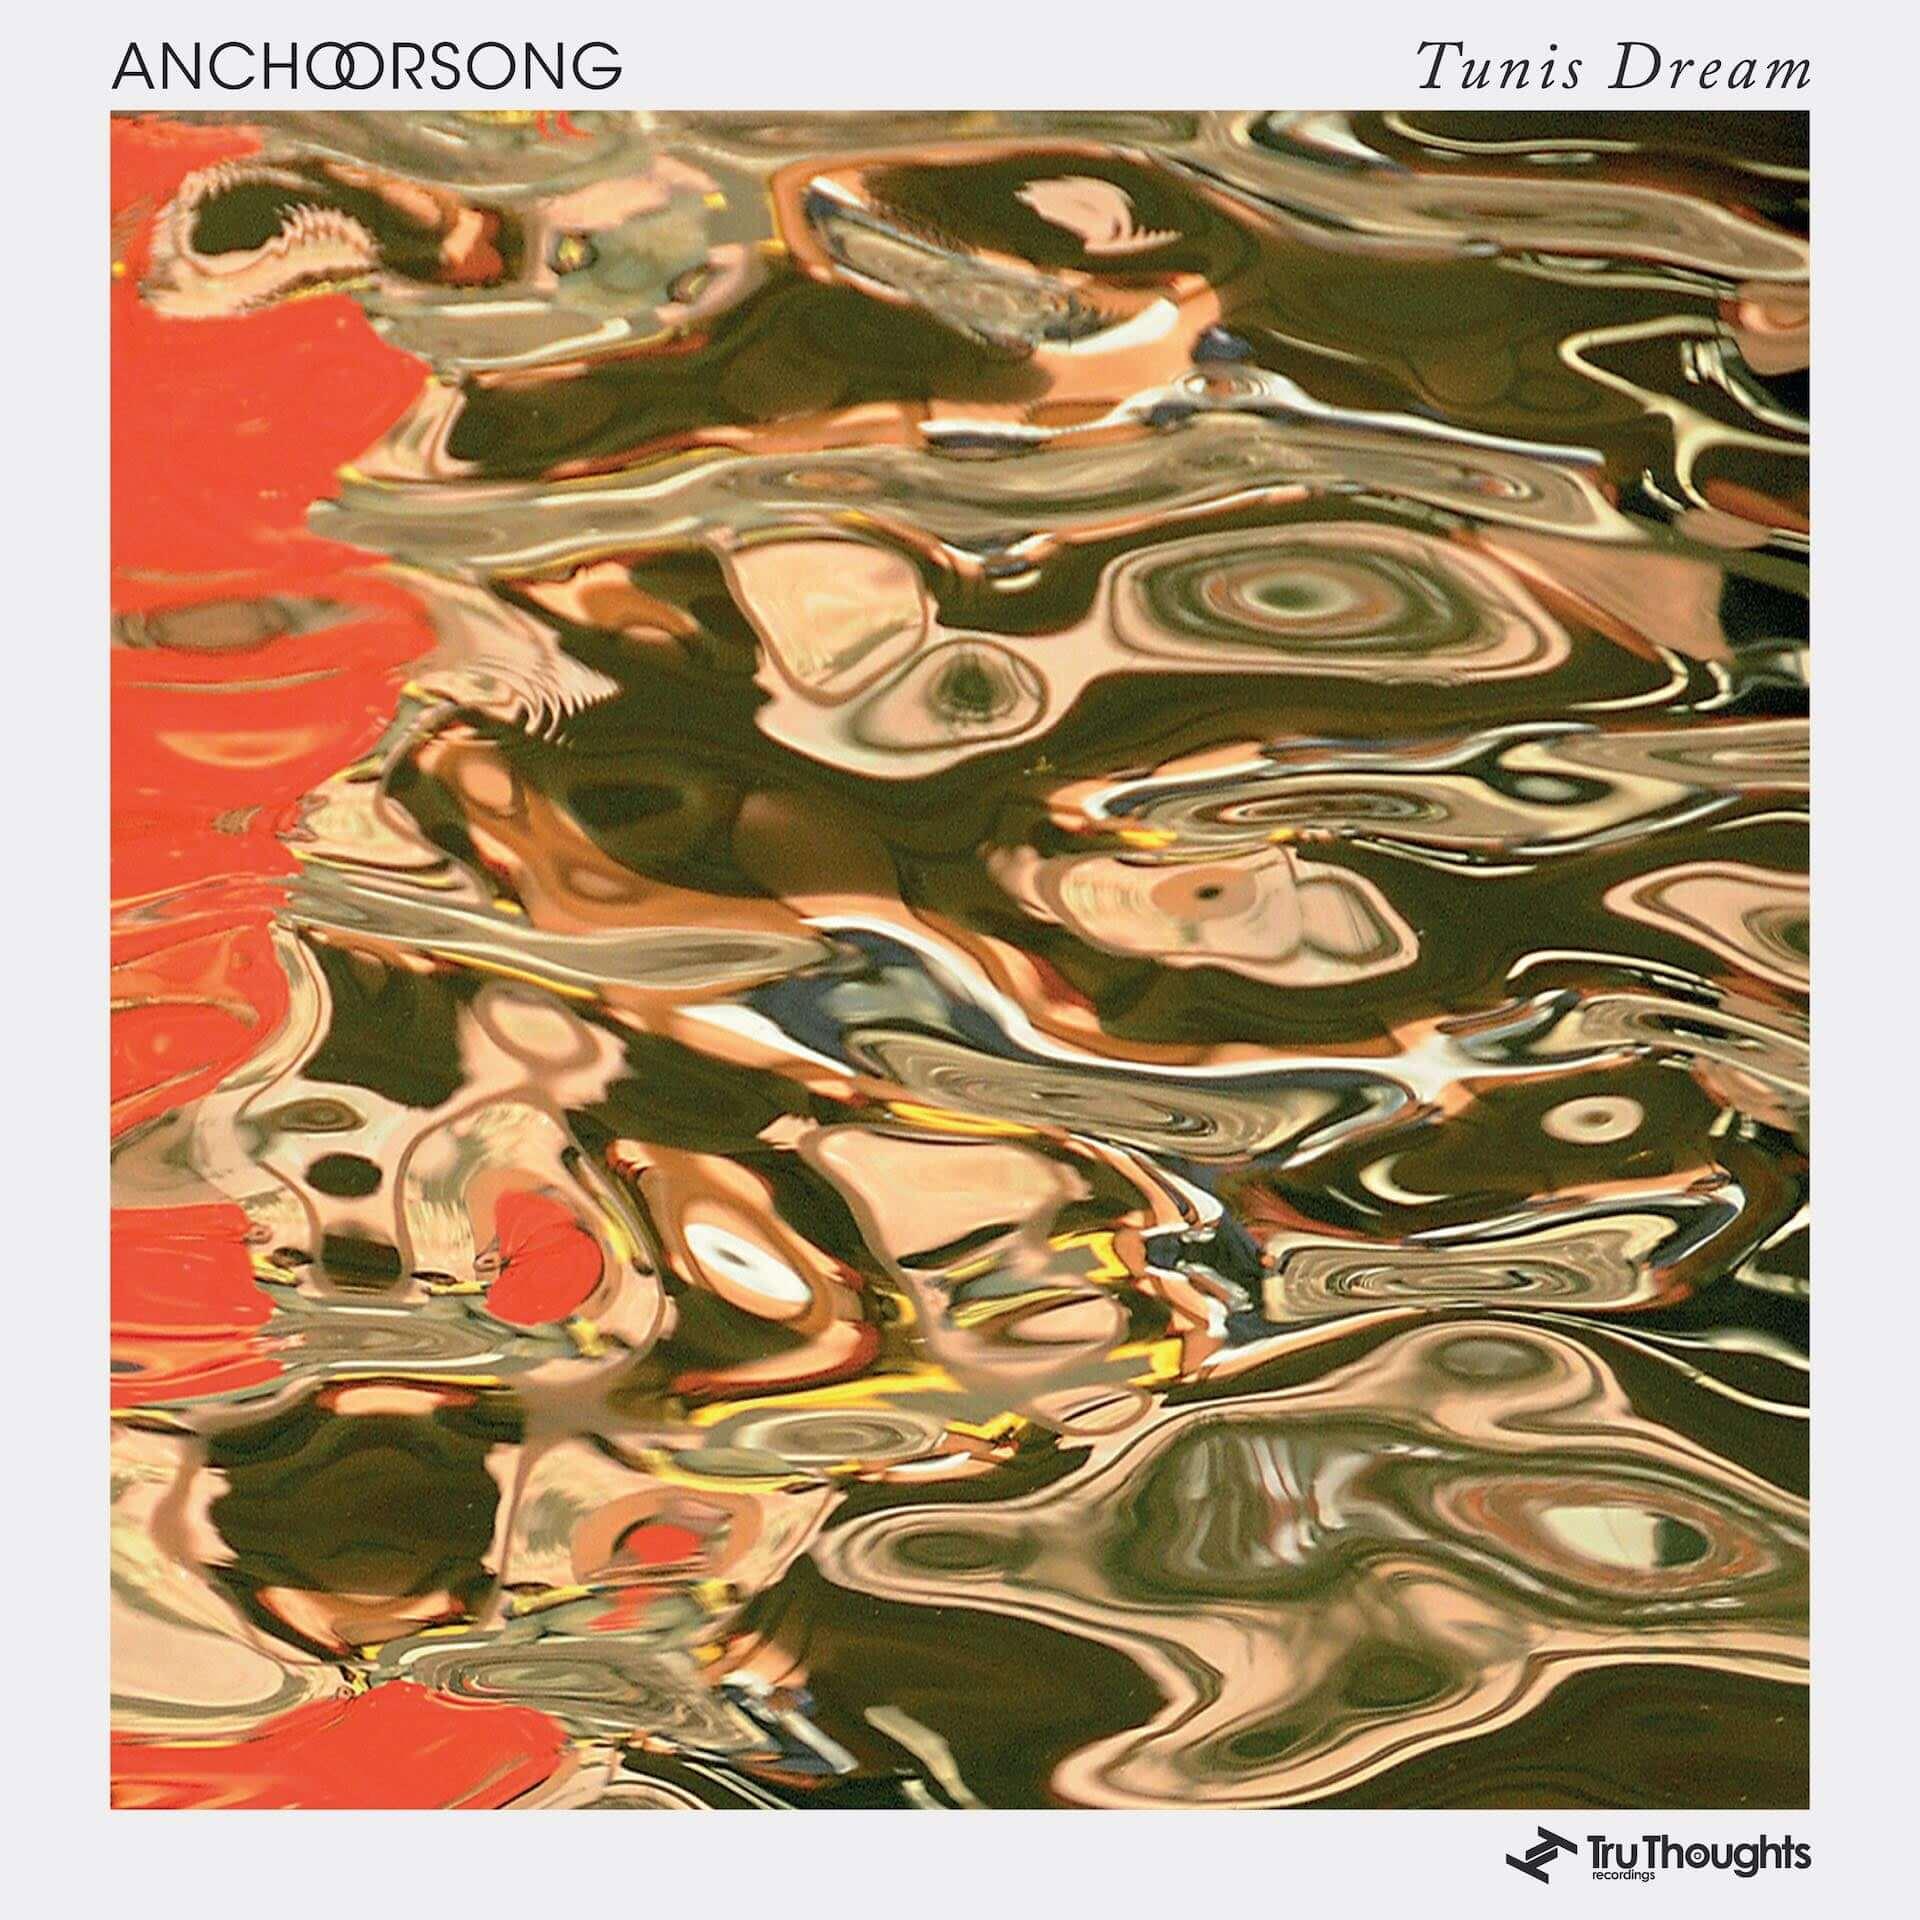 """Anchorsongの新曲""""Tunis Dream""""が名門〈Tru Thoughts〉からリリース!「自分の頭の中にしか存在しない漠然とした風景」を表現 music210210_anchorsong_2-1920x1920"""